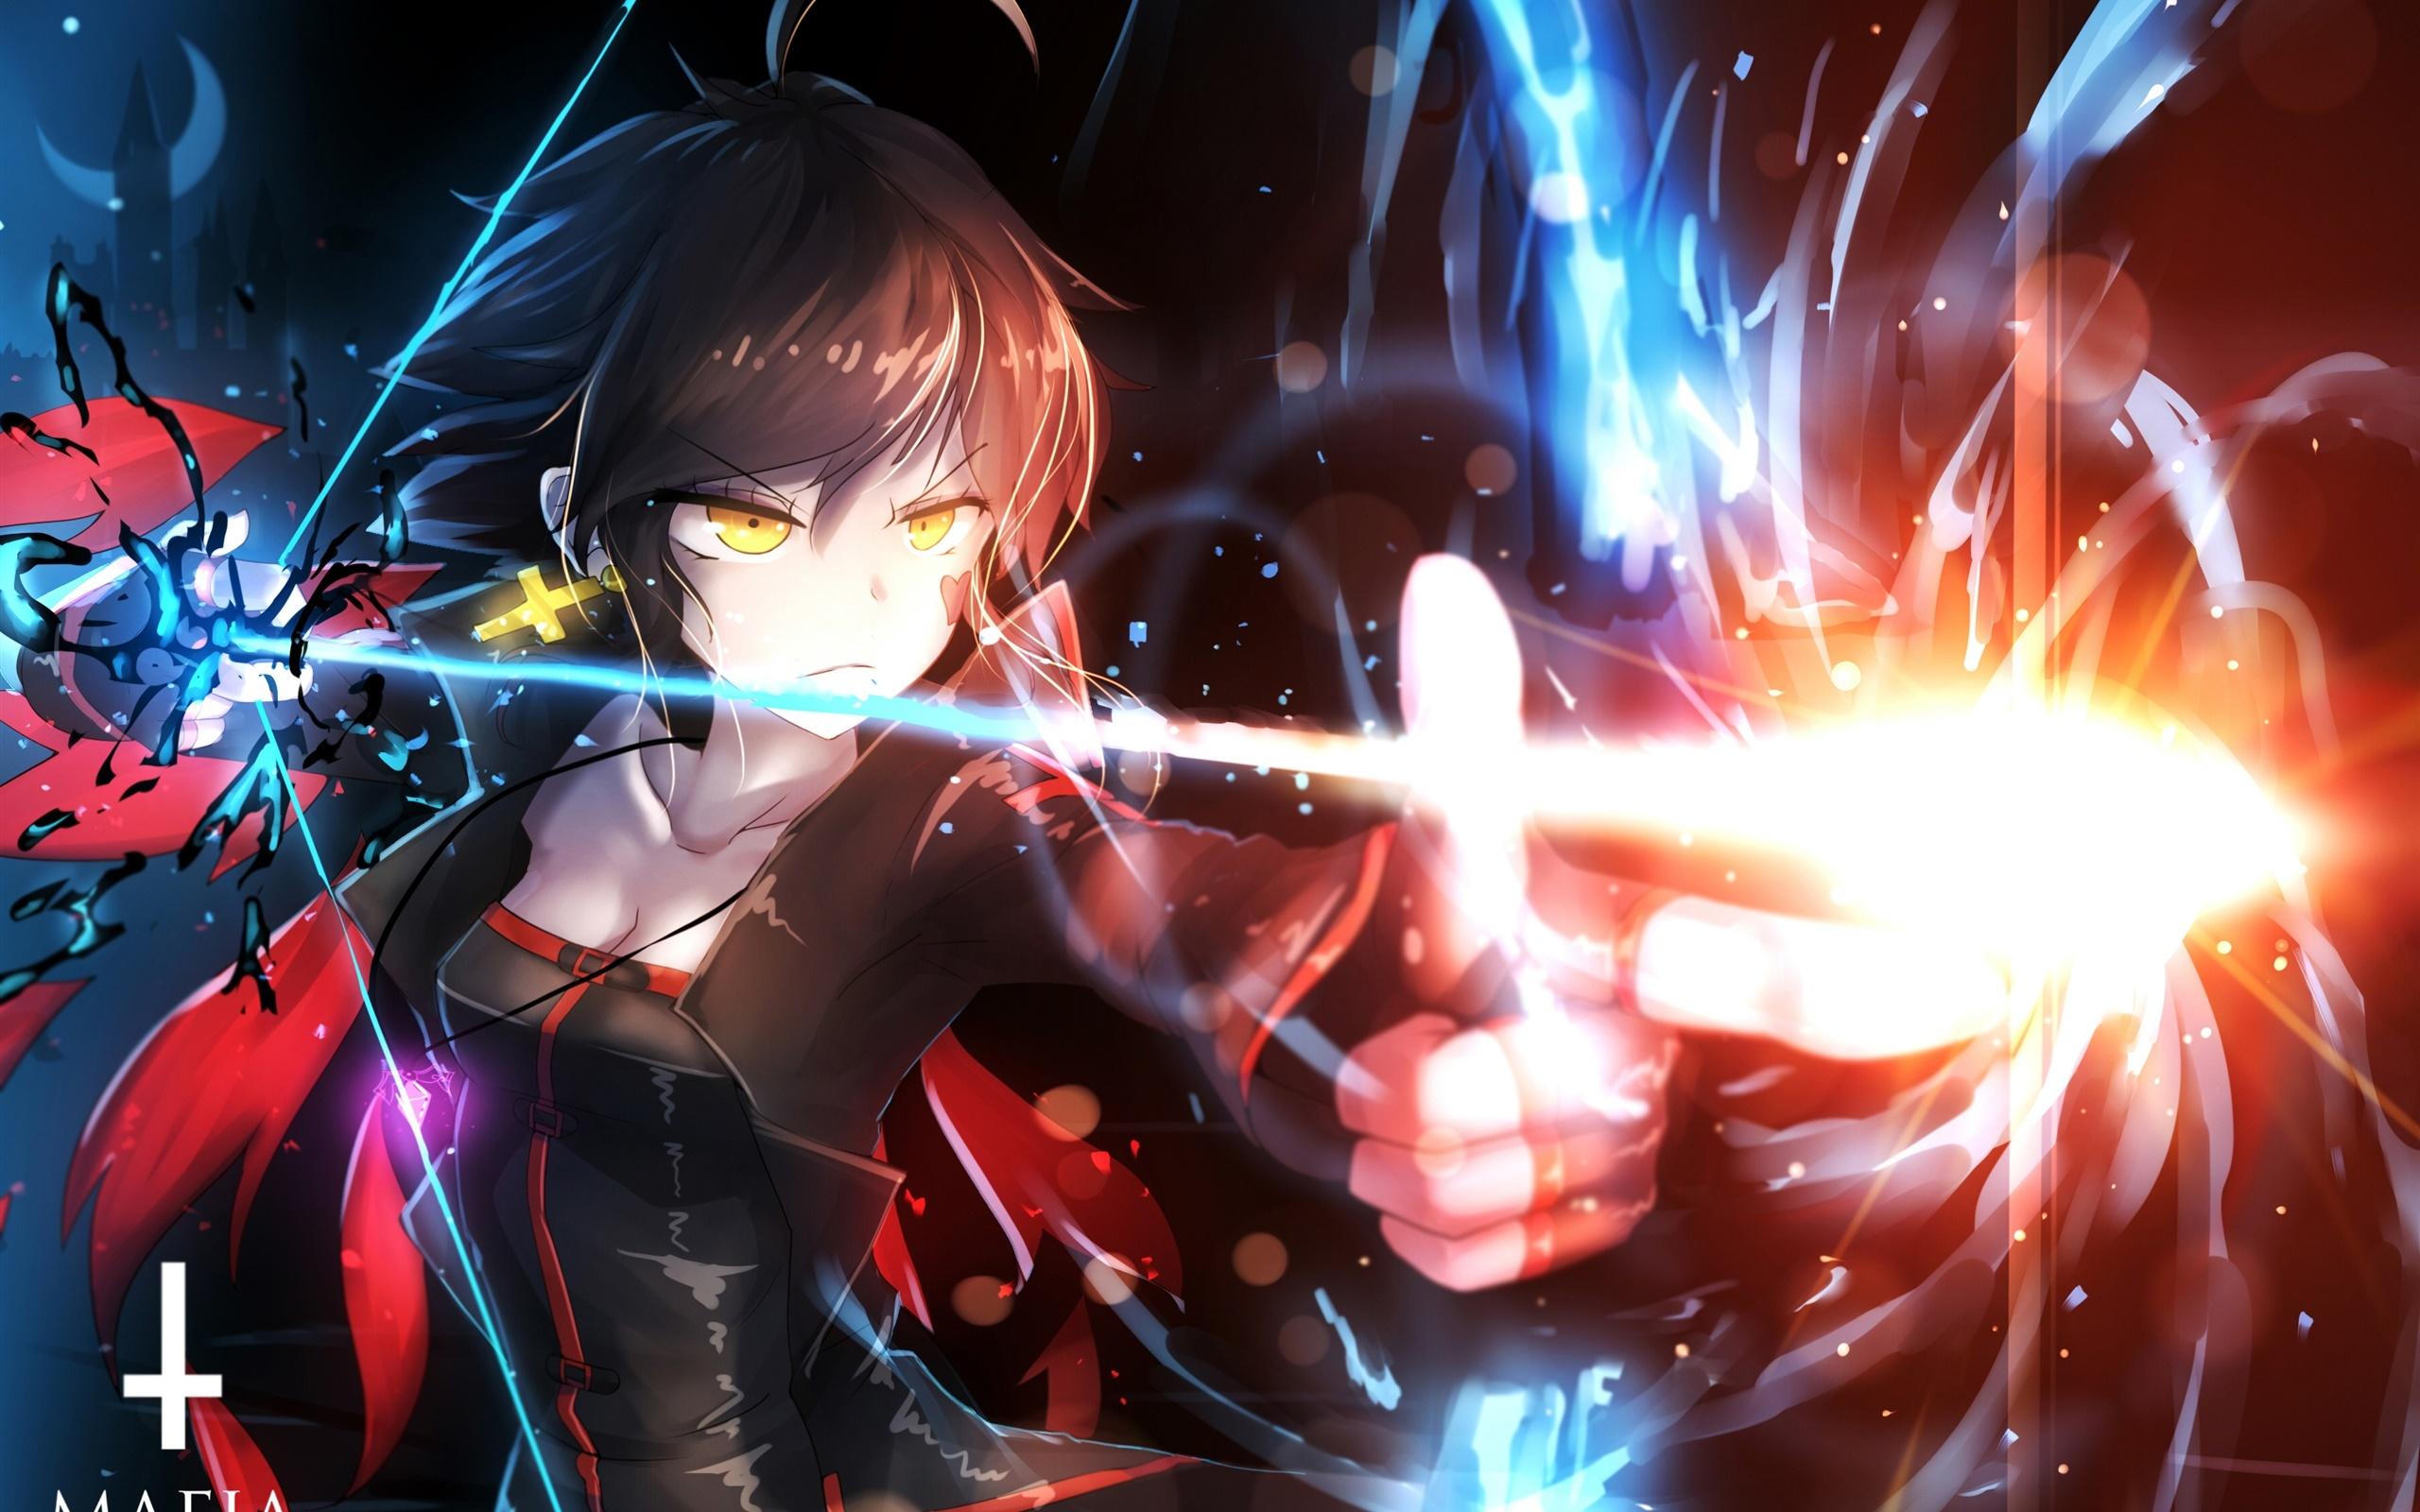 アニメの女の子の使用の弓 魔法 光 デスクトップの壁紙 2560x1600 壁紙をダウンロード Ja Hdwall365 Com